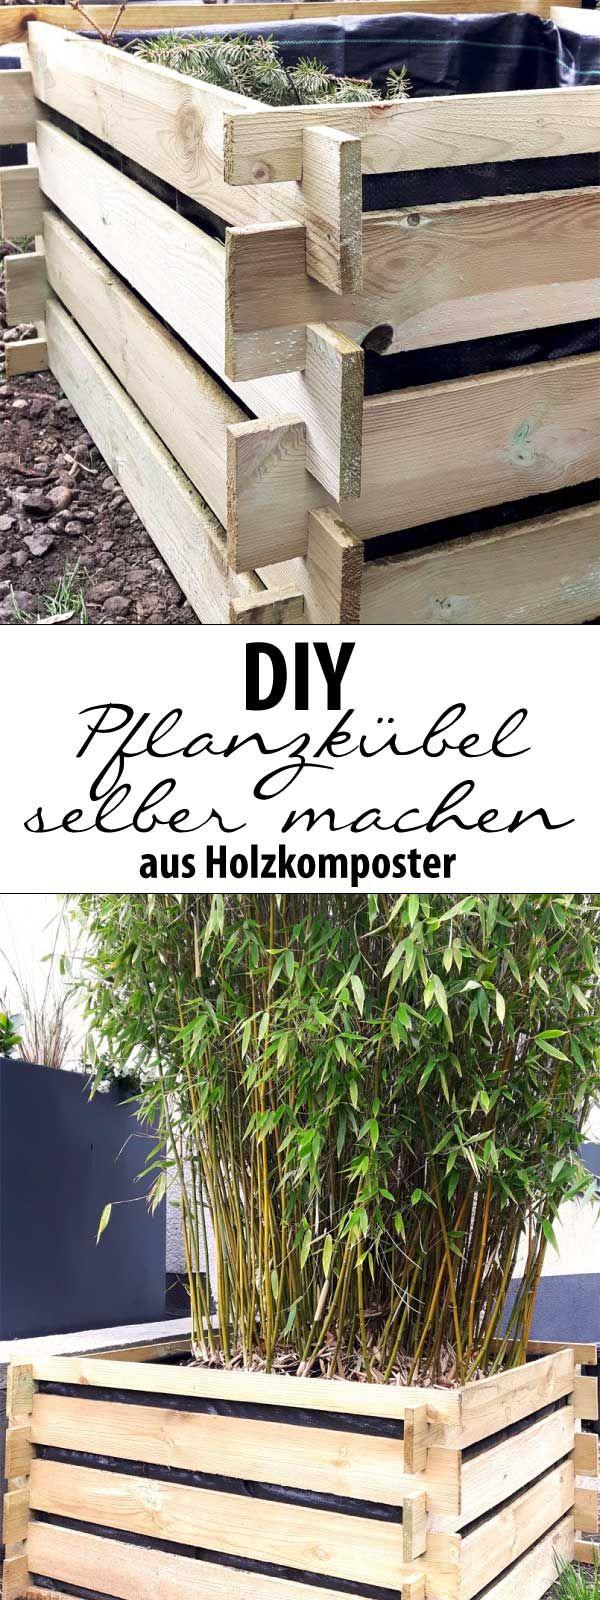 diy pflanzk bel selber machen aus holzkomposter. Black Bedroom Furniture Sets. Home Design Ideas